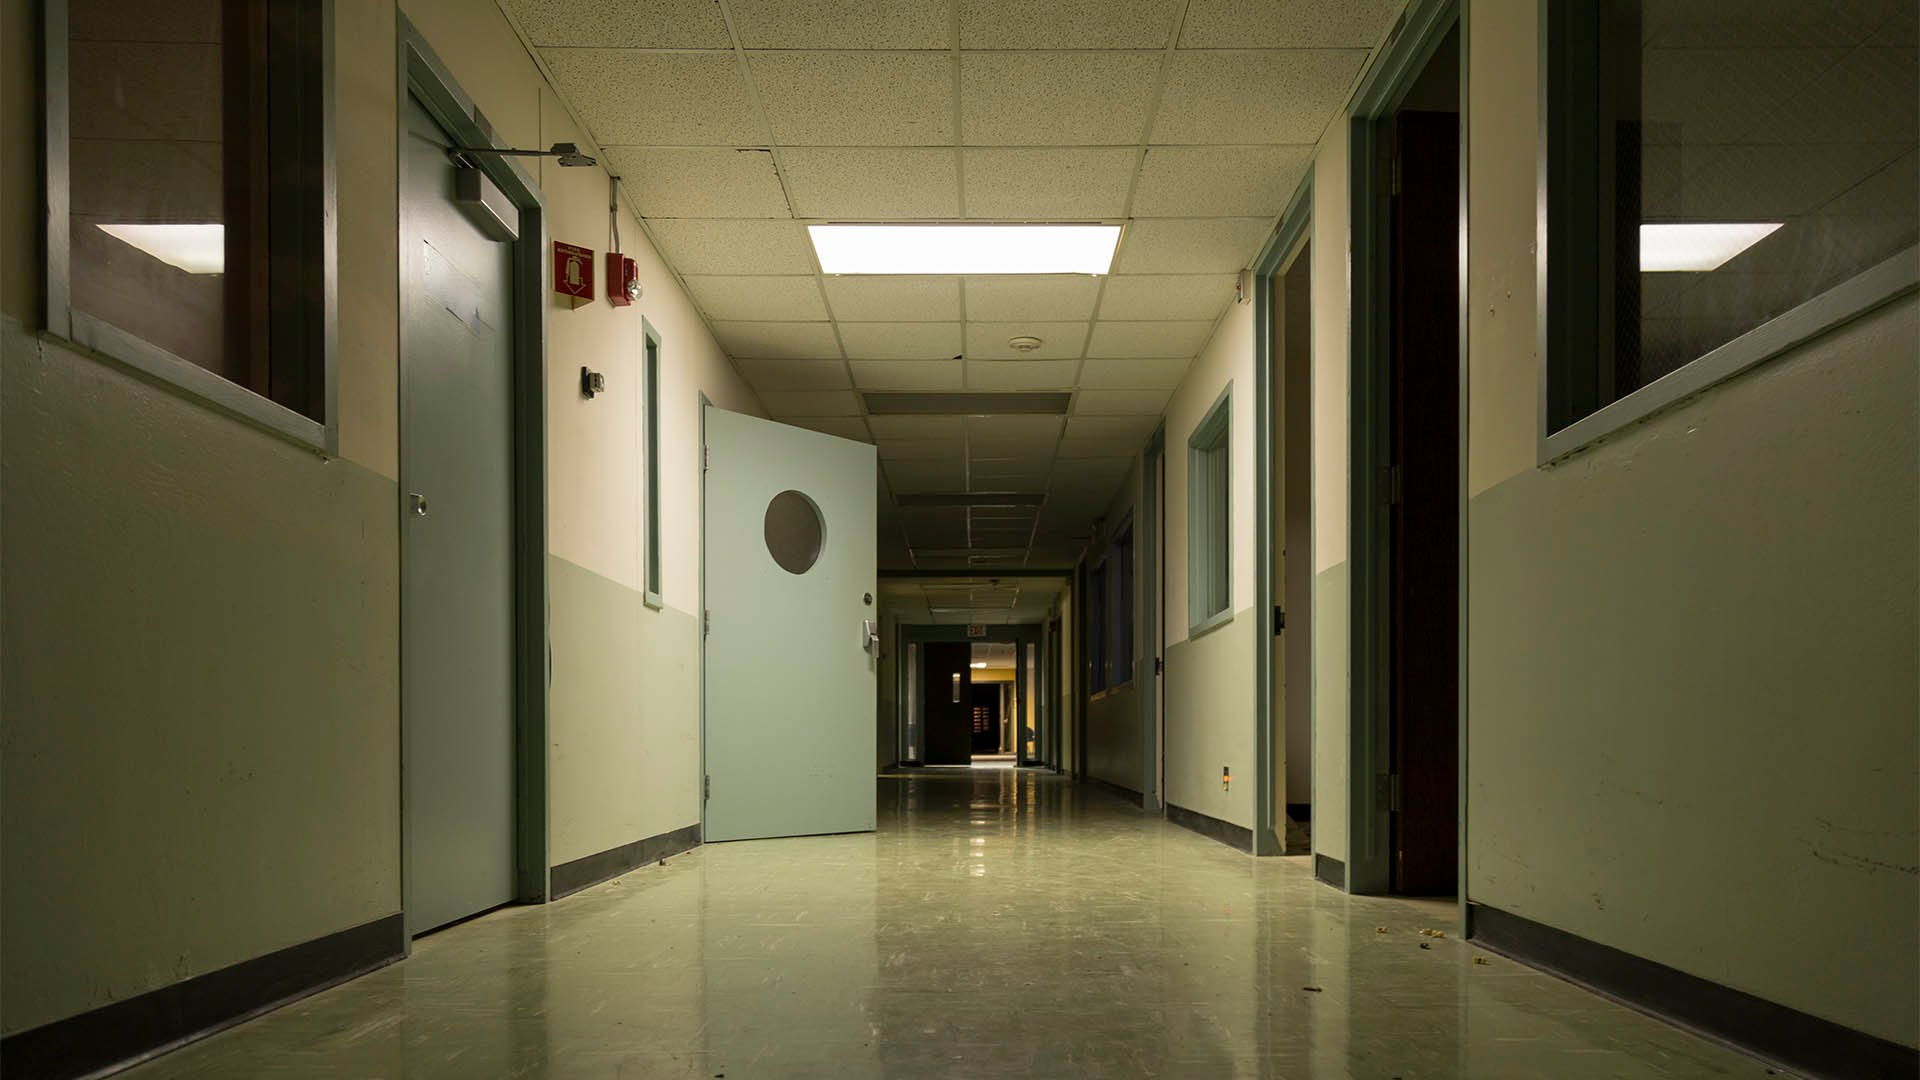 In ward my psych is boyfriend a Psych ward